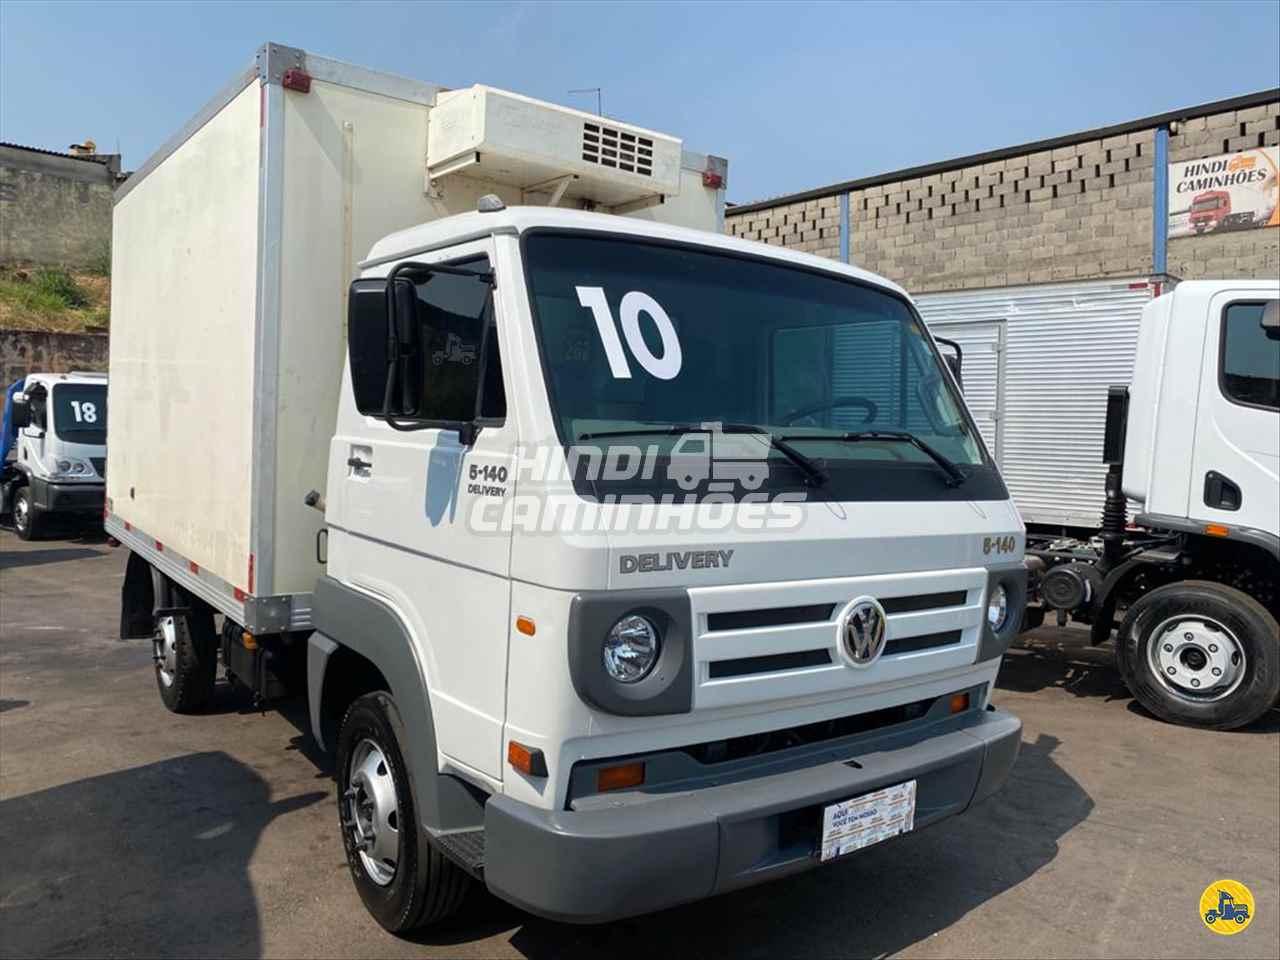 CAMINHAO VOLKSWAGEN VW 5140 Baú Frigorífico 3/4 4x2 Hindi Caminhões CONTAGEM MINAS GERAIS MG